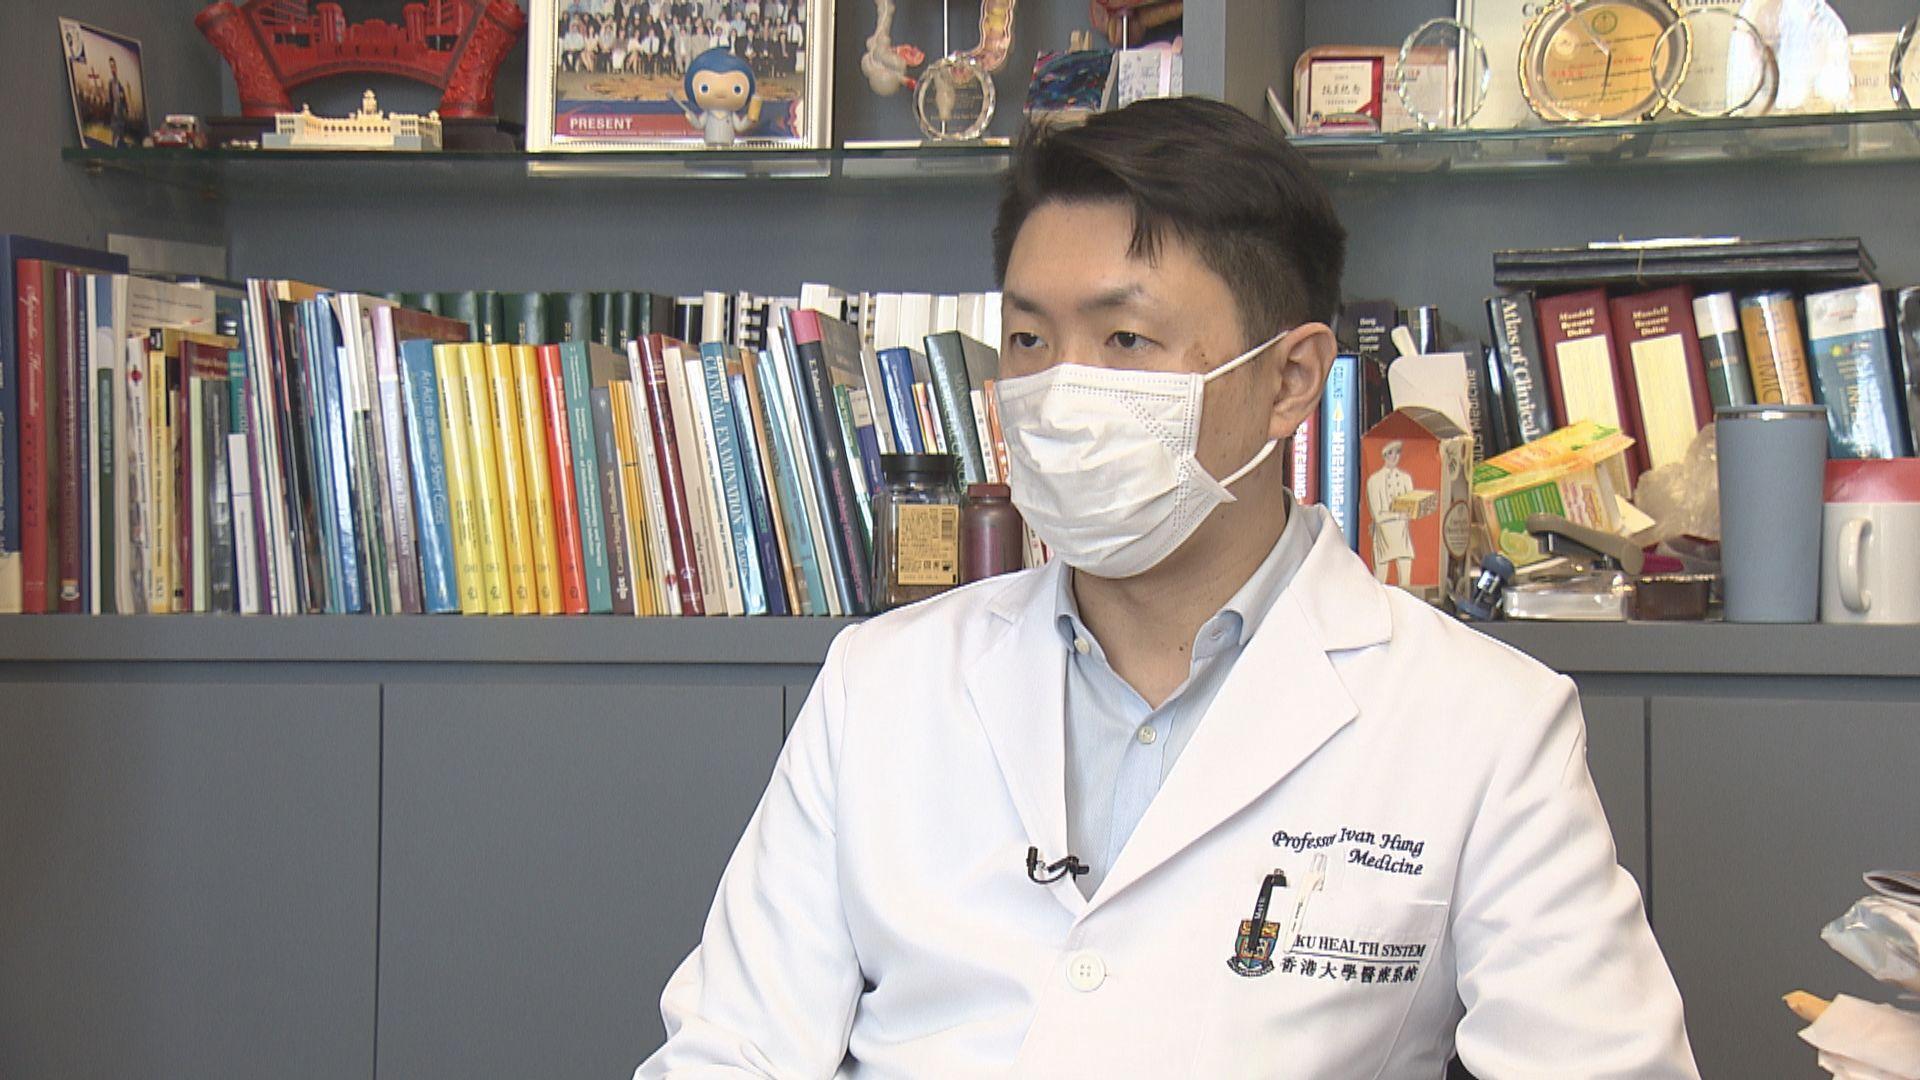 孔繁毅:新冠疫苗接種計劃開展時間短 難評死亡率高低